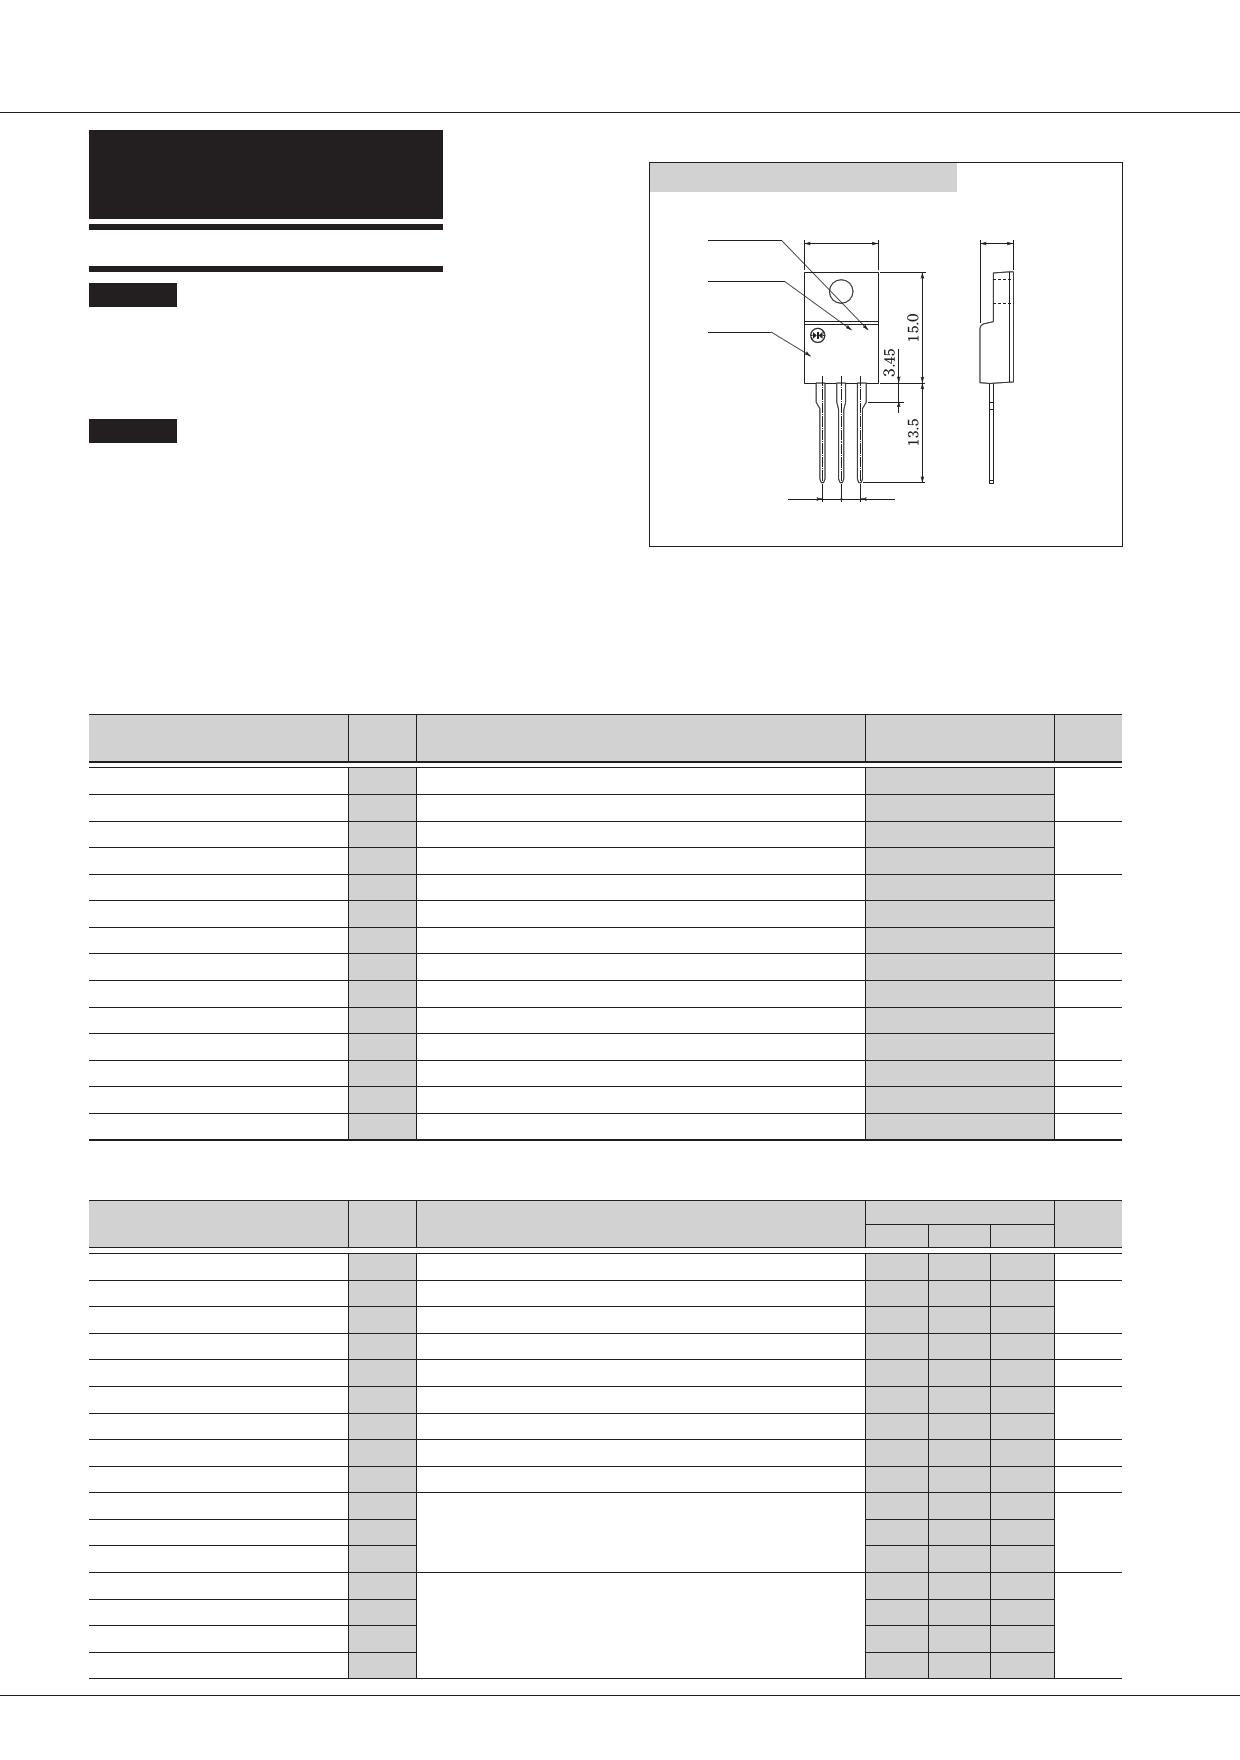 P20F50HP2 datasheet